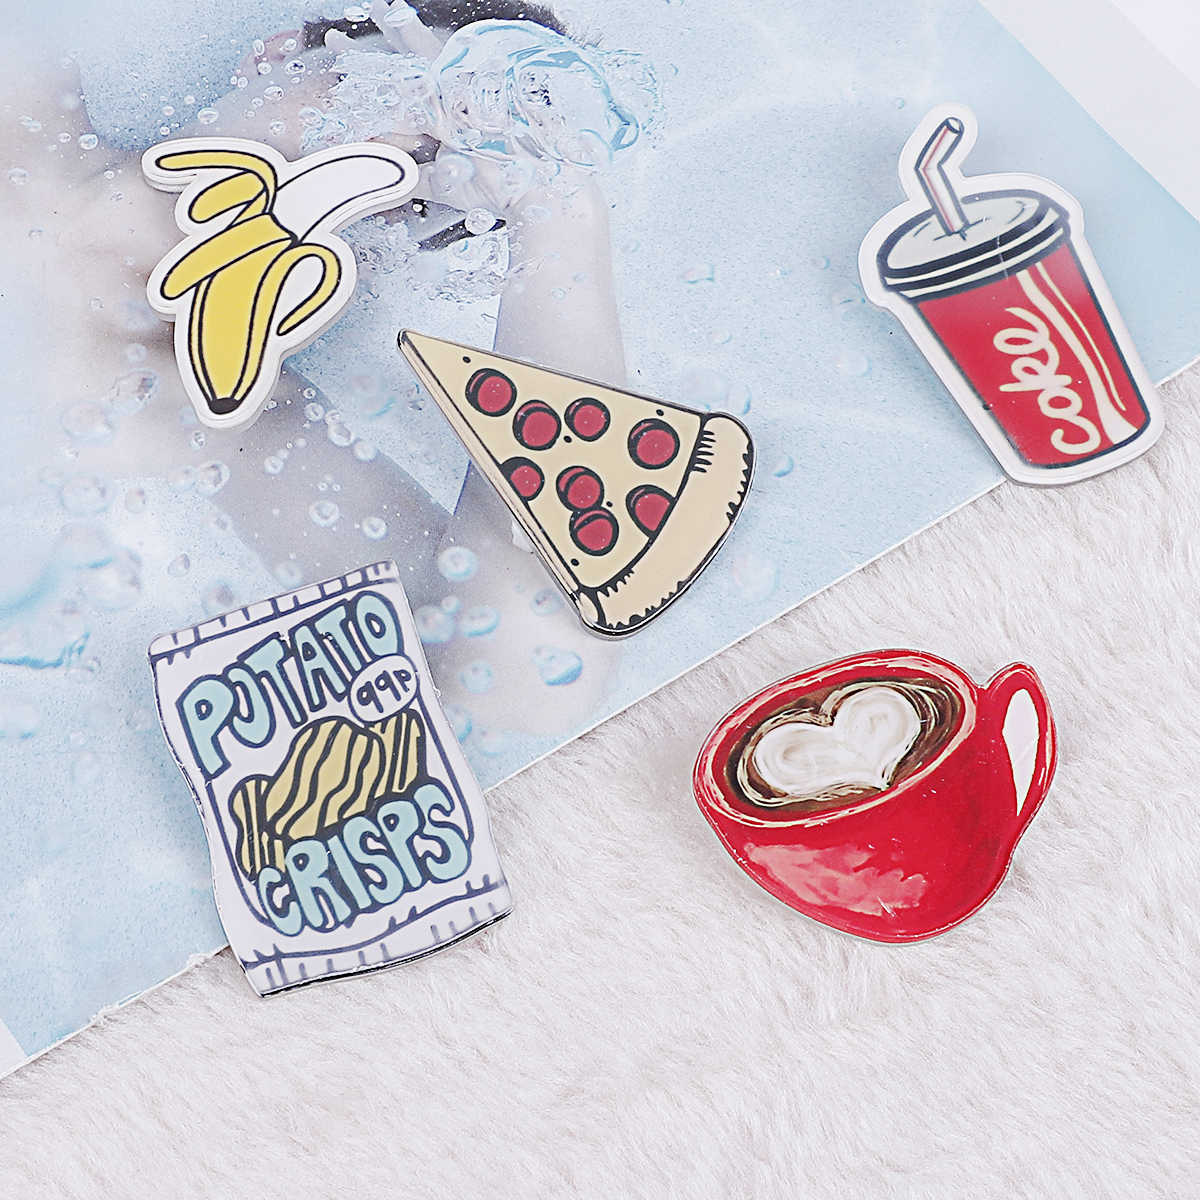 1pc koreański ulzzang piękny Cartoon akrylowe plakietki szpilki na ubrania plecak Banana Coke Lemon Pizza Coffe dekorowanie broszka